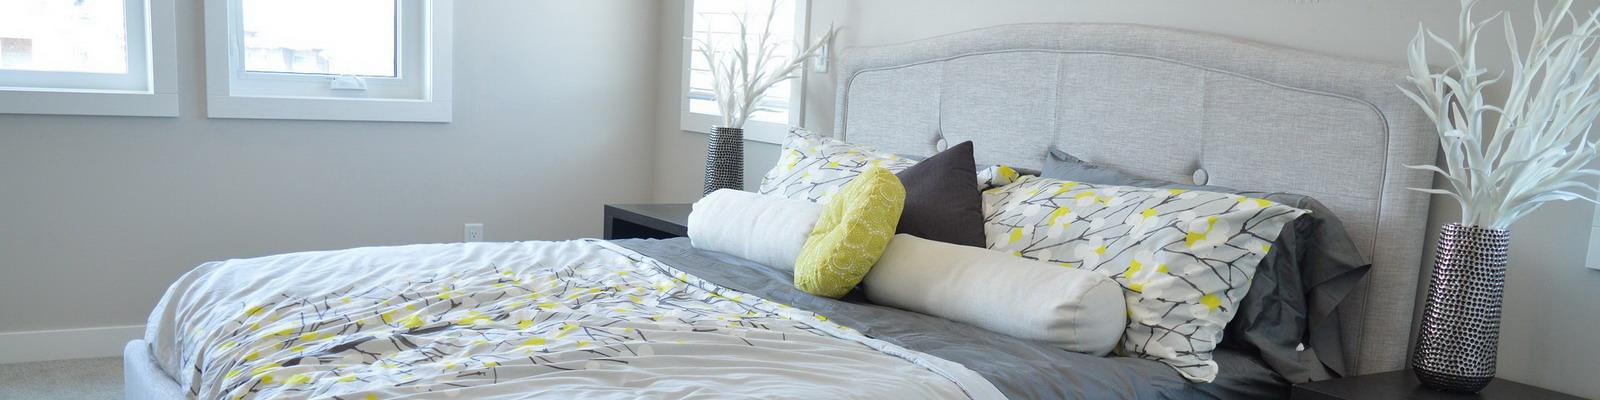 sin duda alguna el cabecero de cama que se ha convertido en una pieza decorativa muy importante en los ltimos aos nos permitir aportar un elemento ms